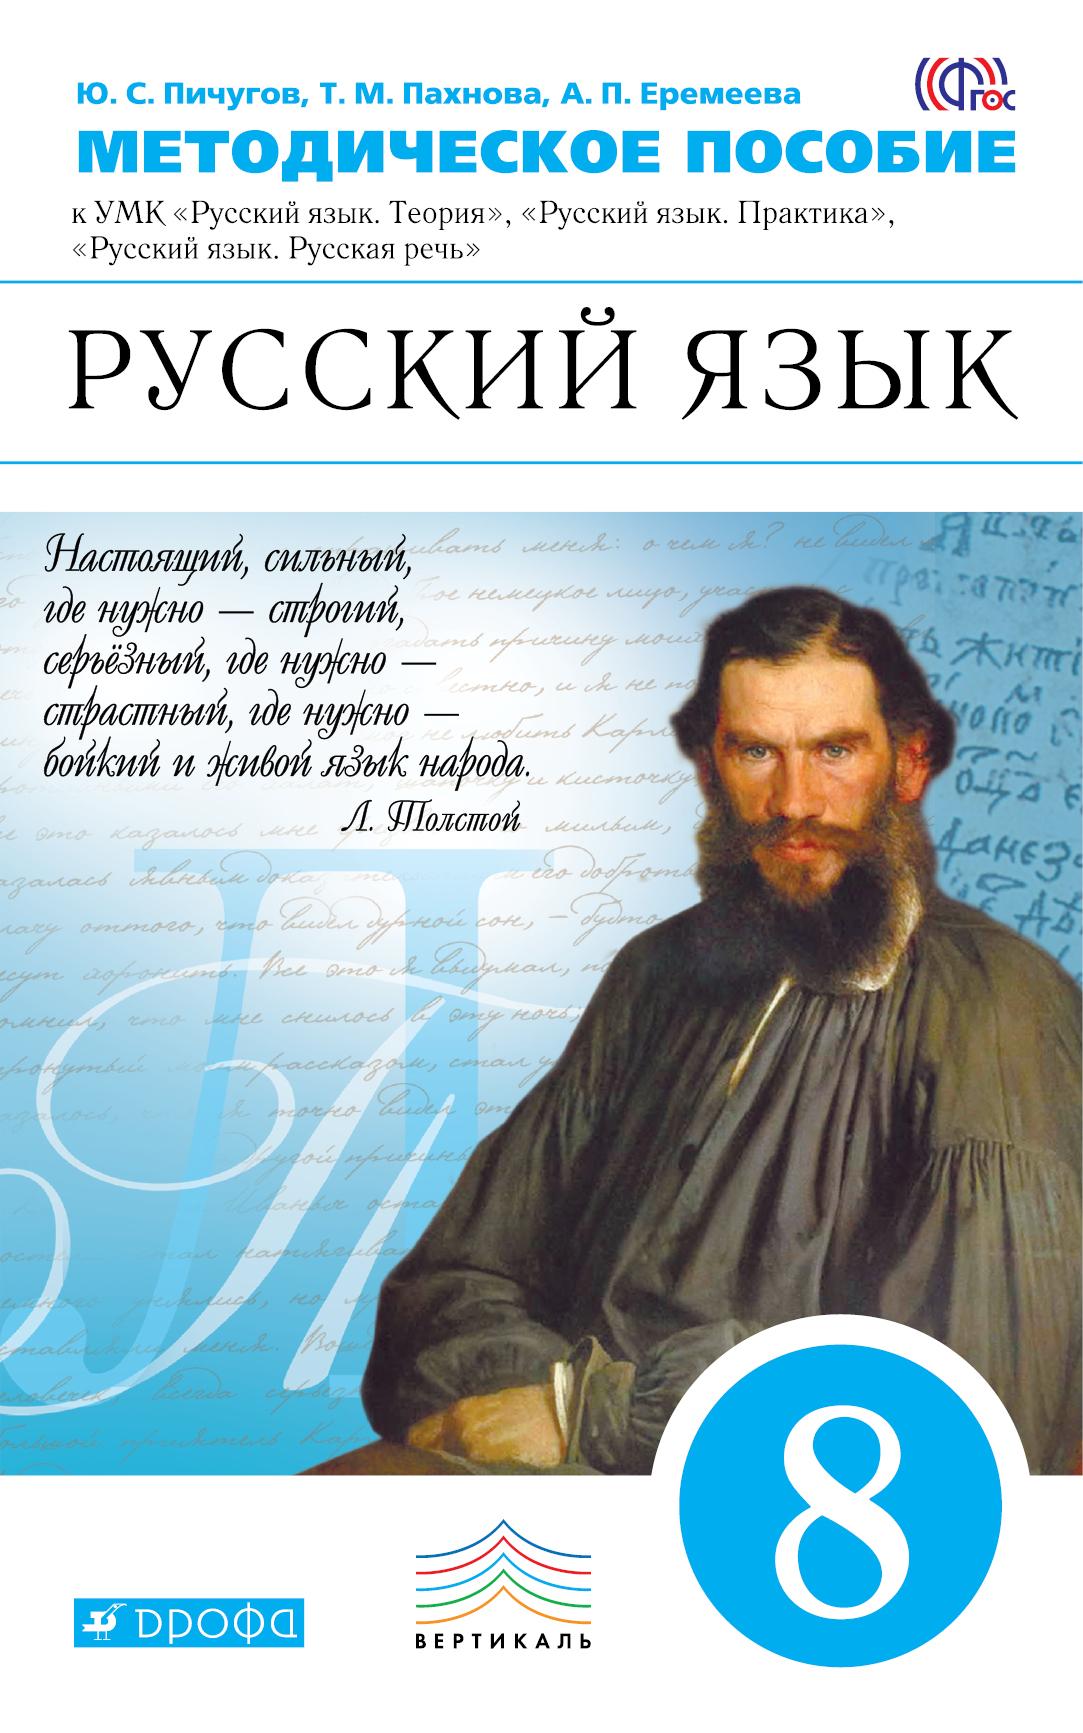 Дрофа / Русский Язык, 8 класс Методическое пособие